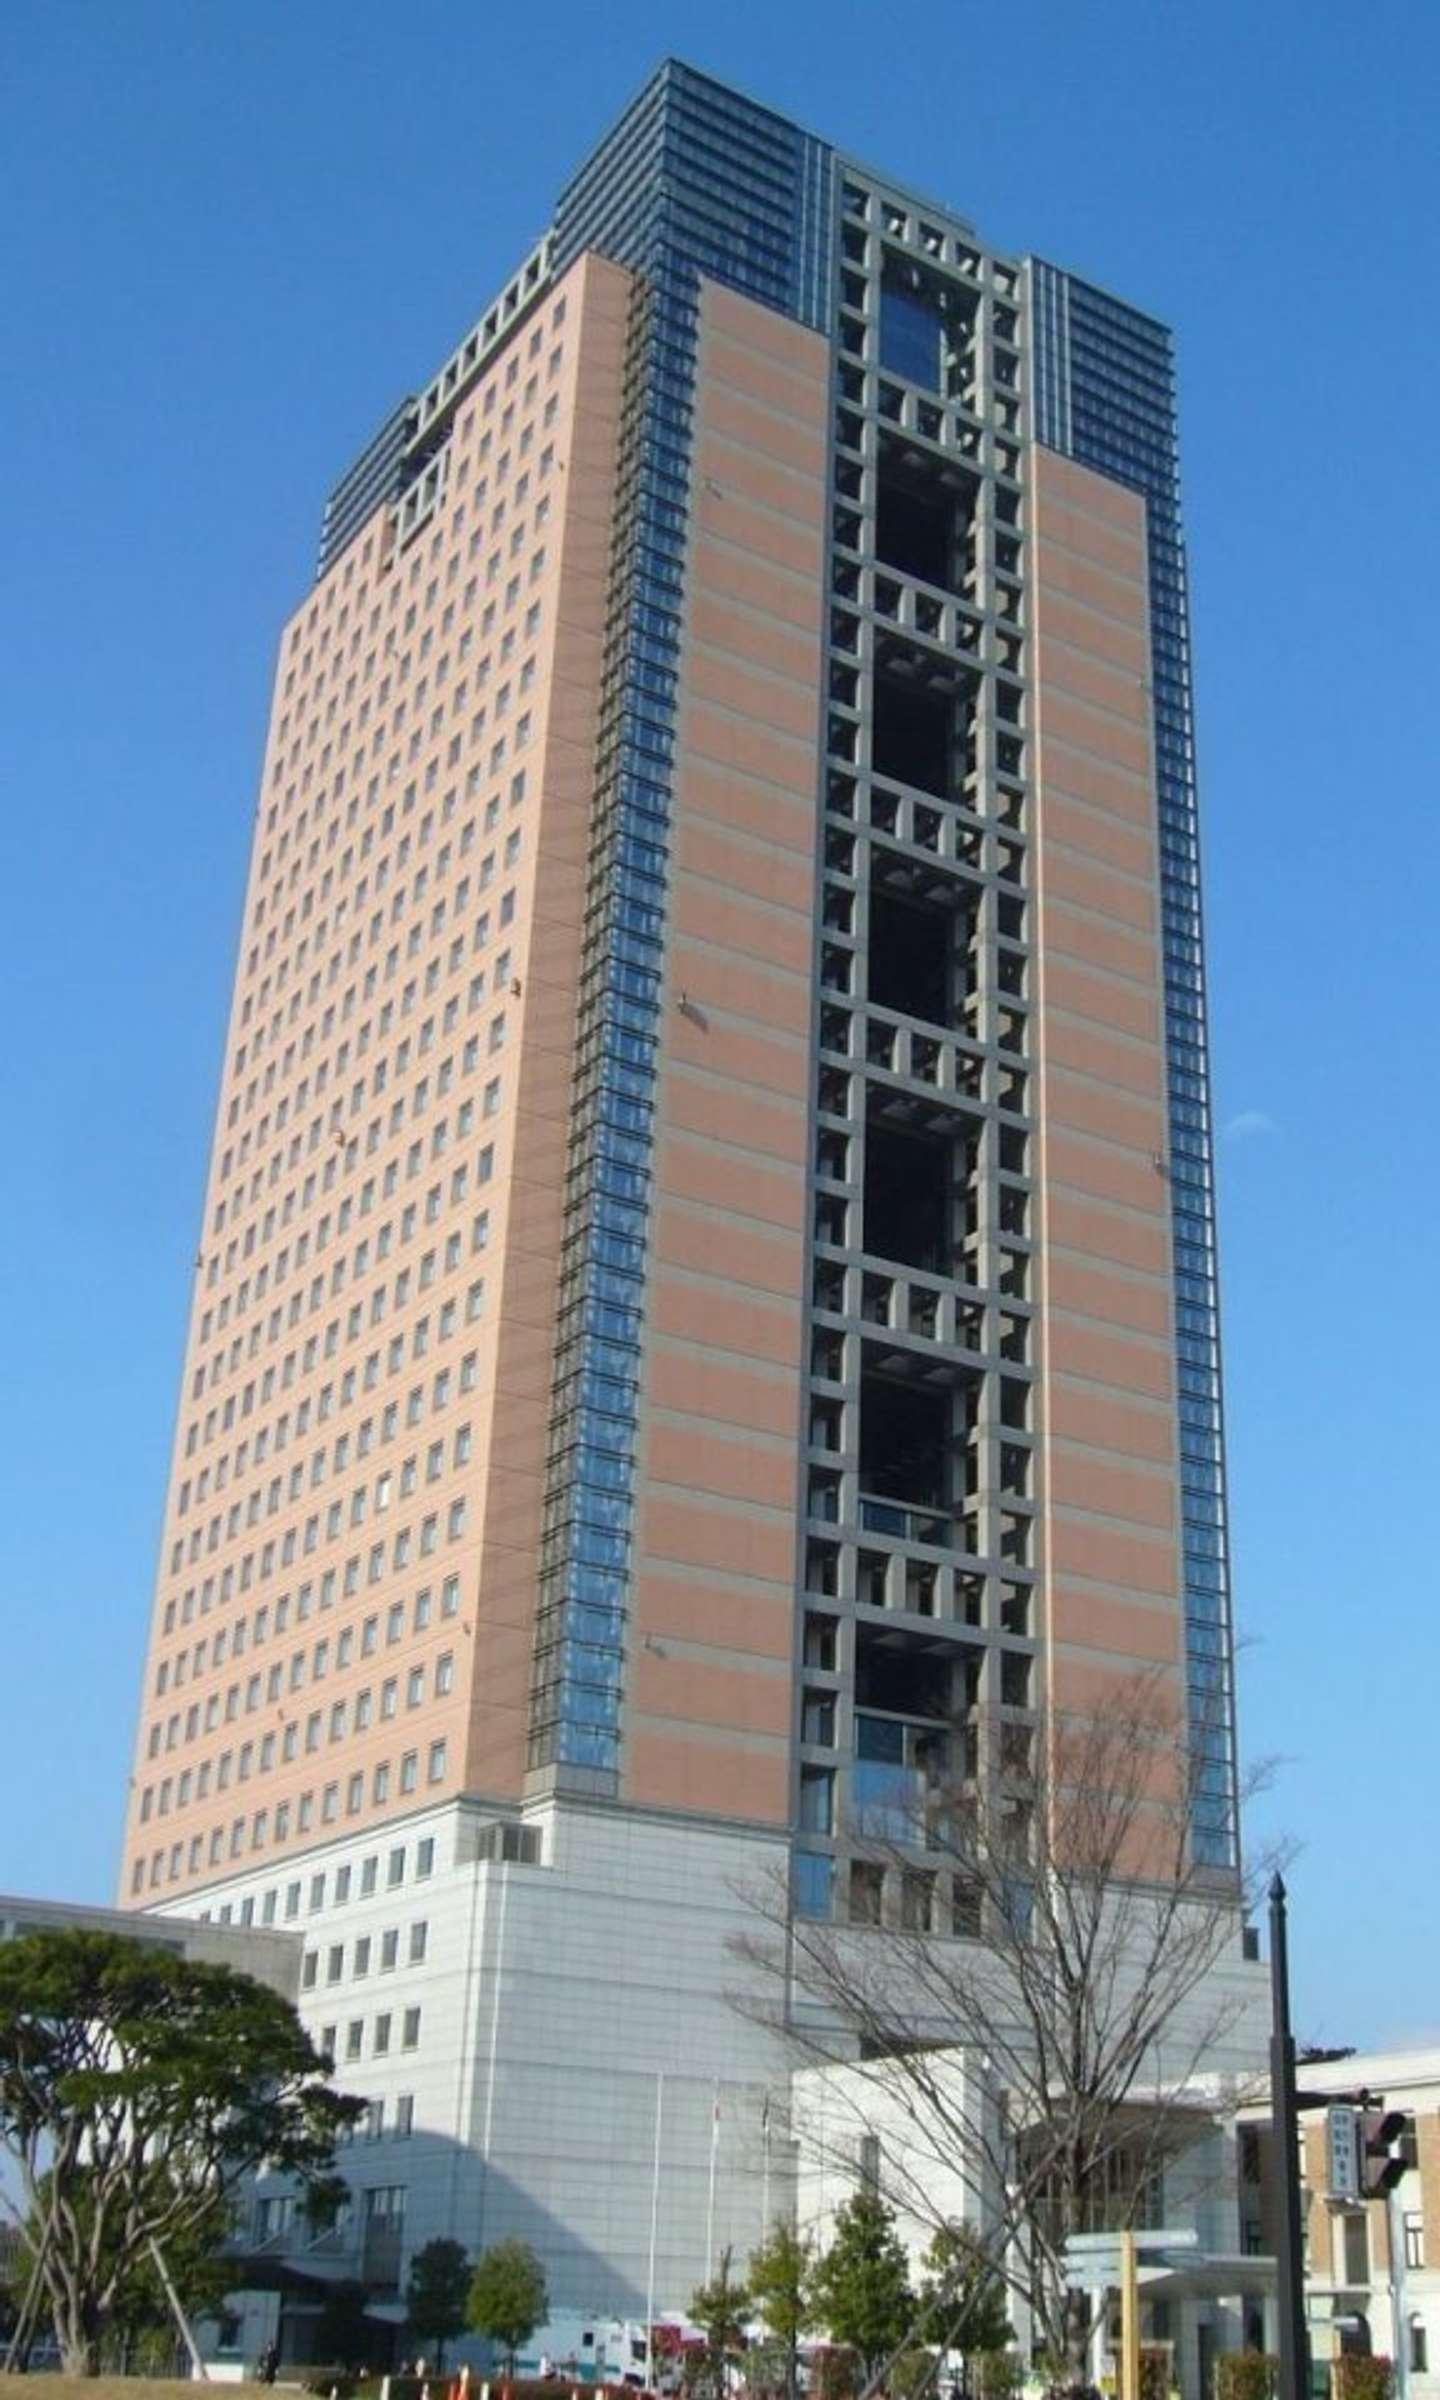 群馬県庁新庁舎(0607crpさん撮影、Wikimedia Commonsより)